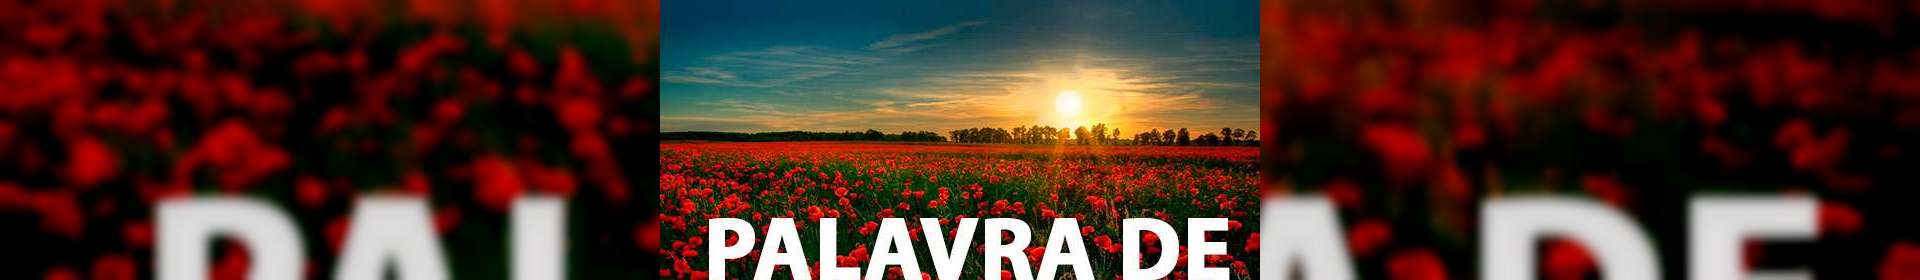 Salmos 118:8 - Uma Palavra de Esperança para sua vida